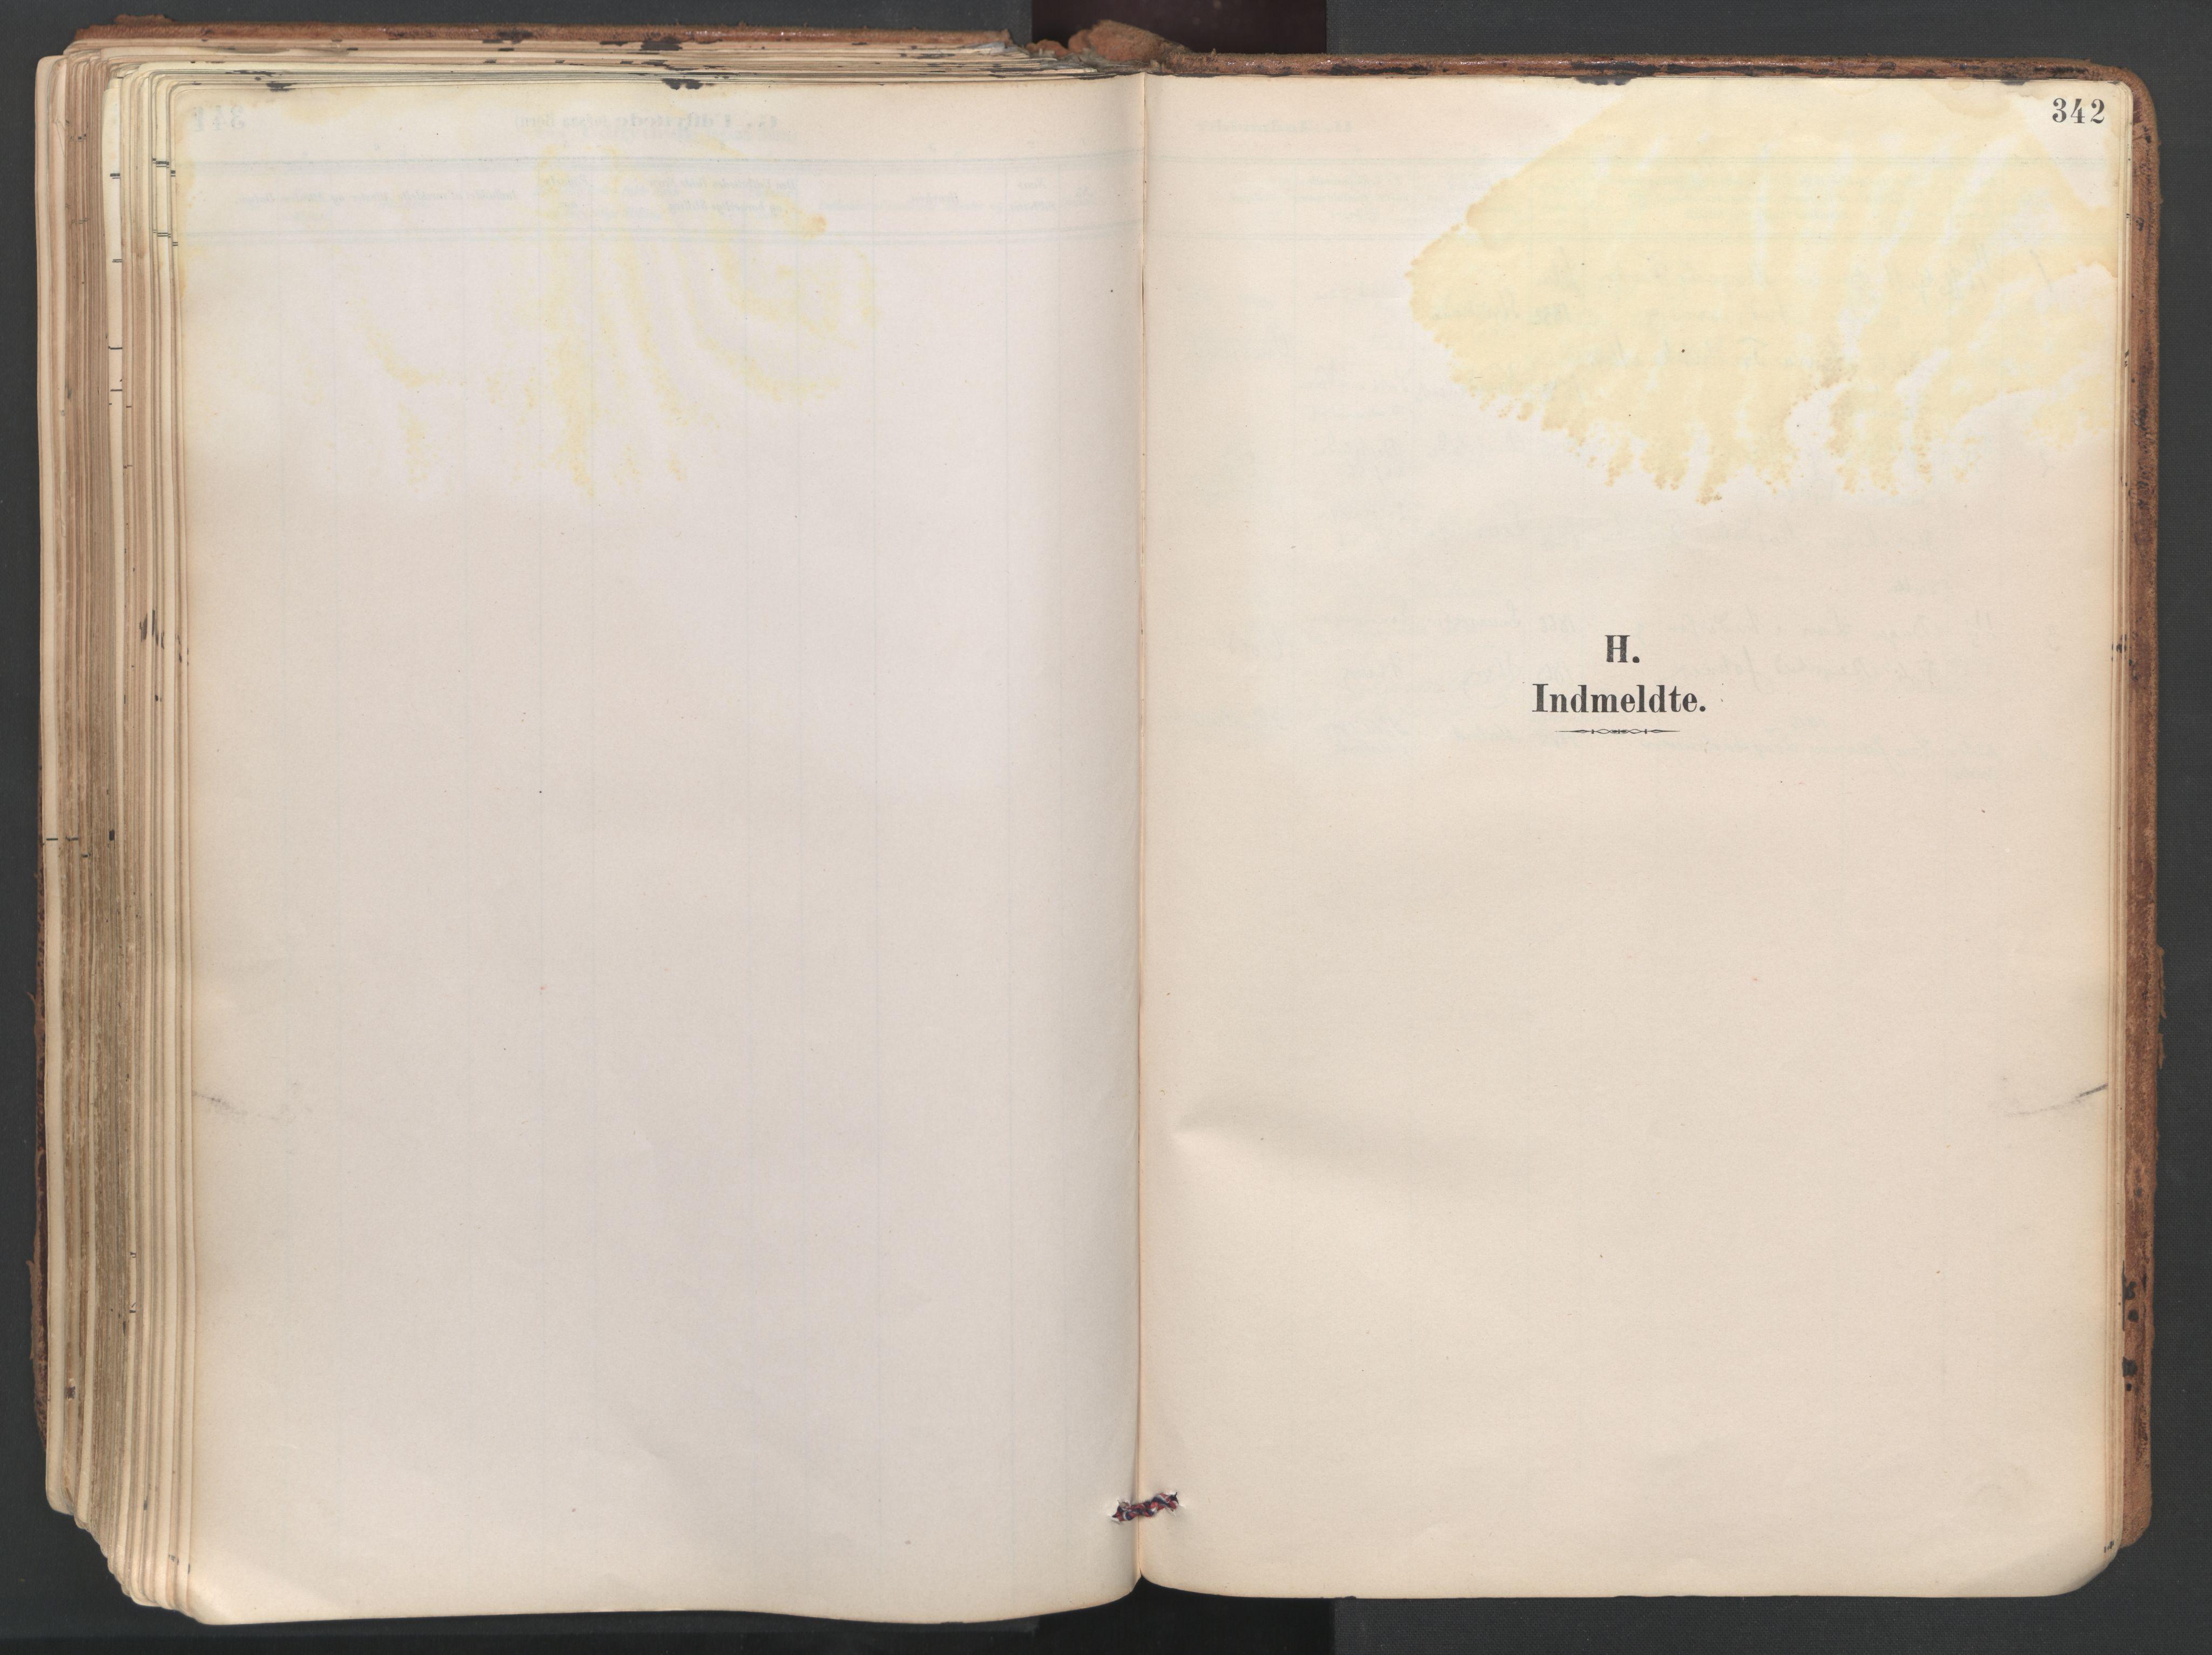 SAT, Ministerialprotokoller, klokkerbøker og fødselsregistre - Sør-Trøndelag, 687/L1004: Ministerialbok nr. 687A10, 1891-1923, s. 342